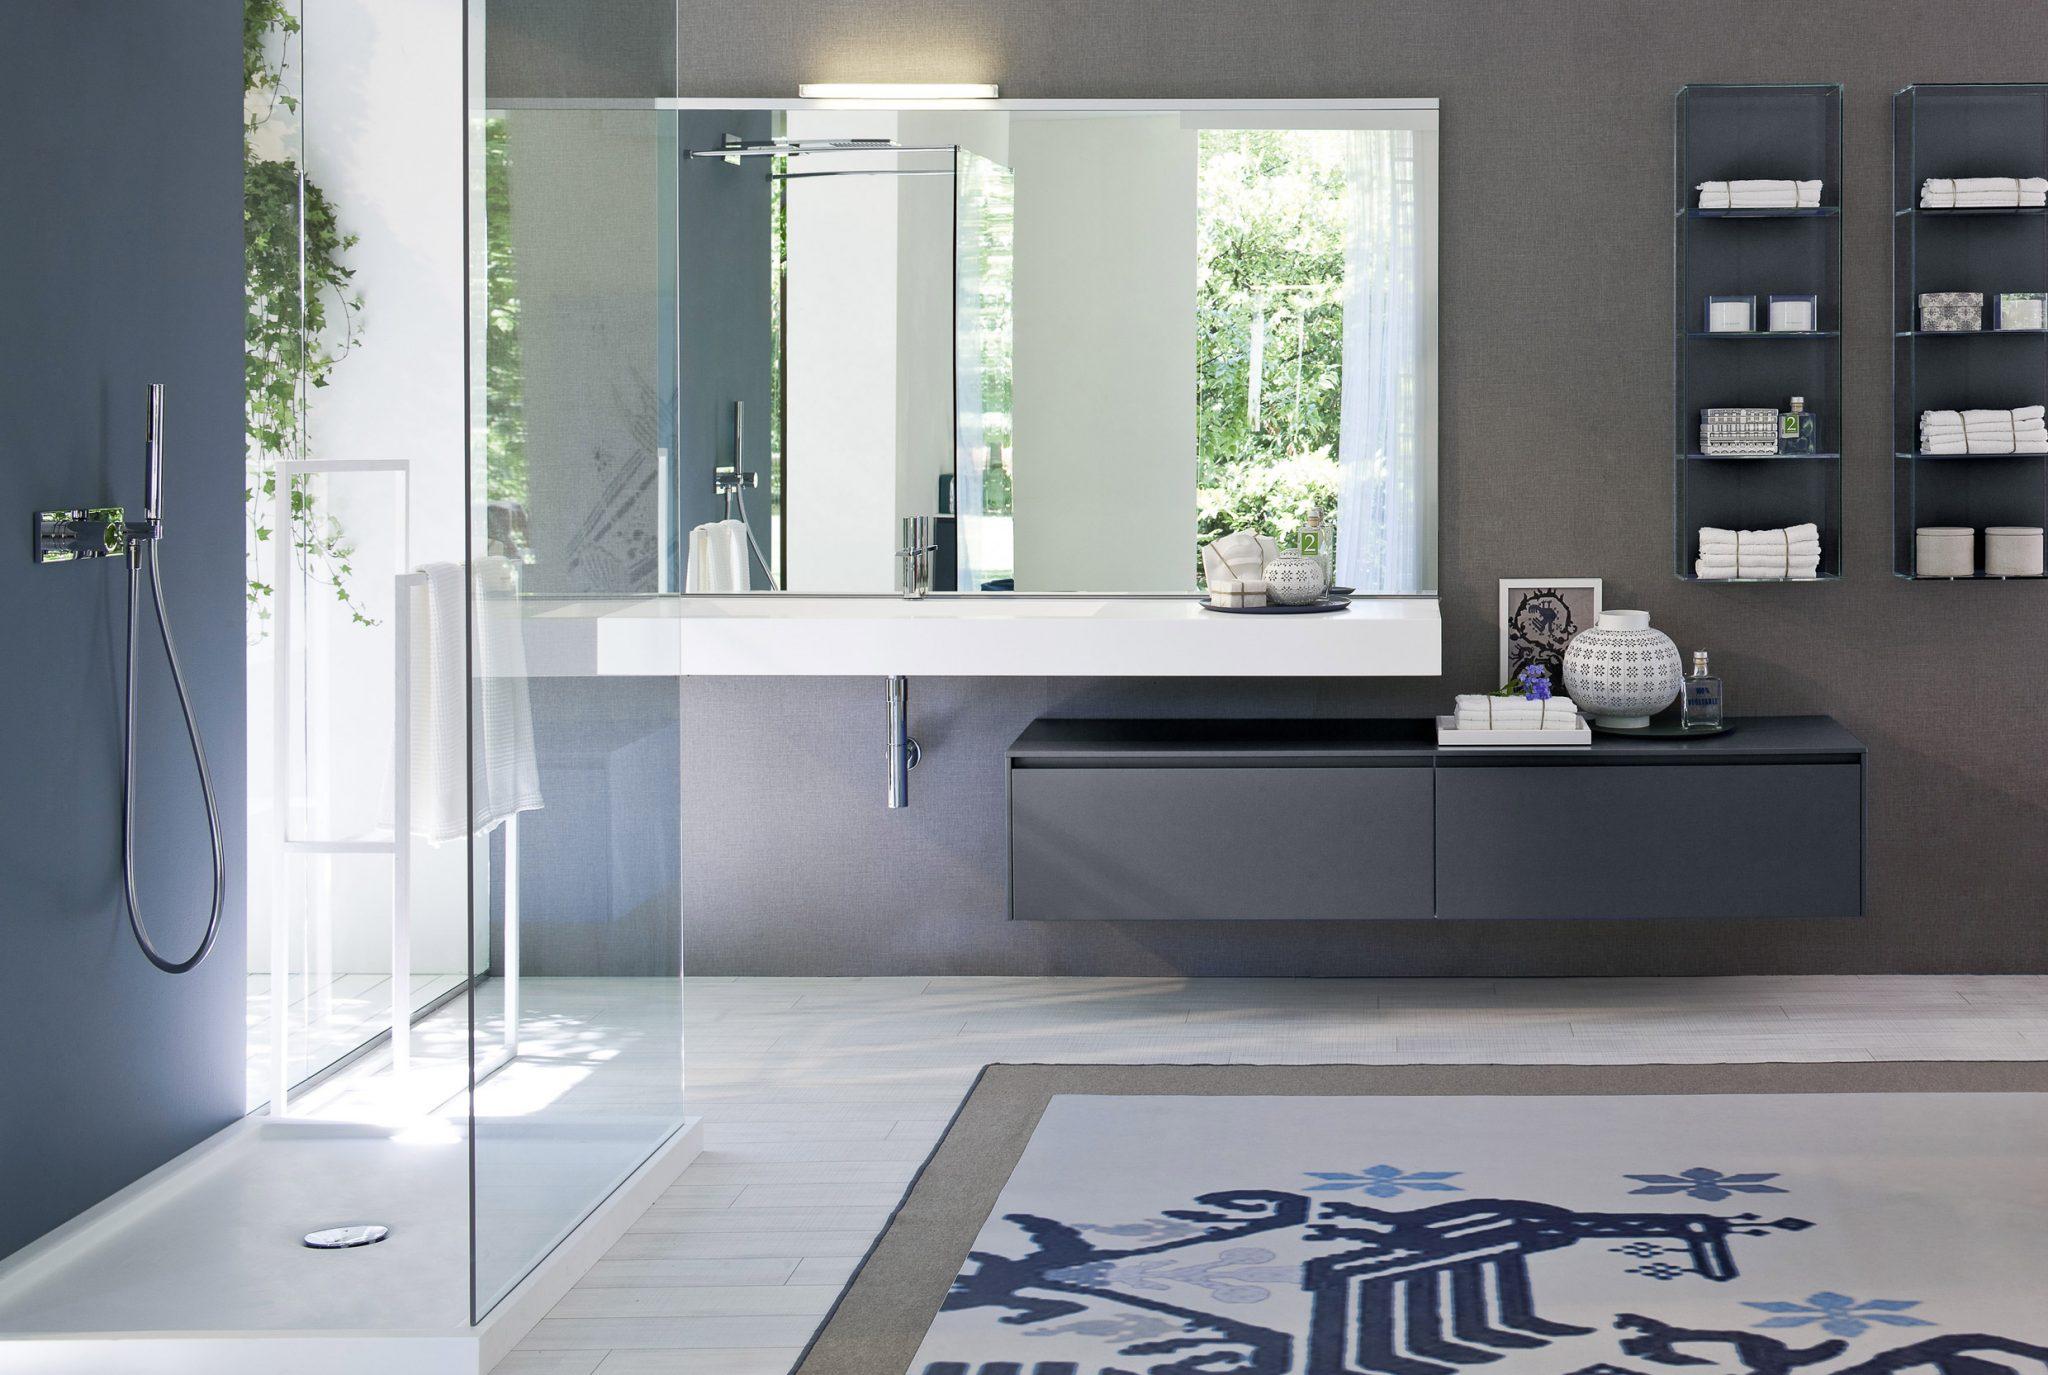 Specchio Grande Da Bagno.Come Scegliere Lo Specchio Per Il Bagno Ideagroup Blog